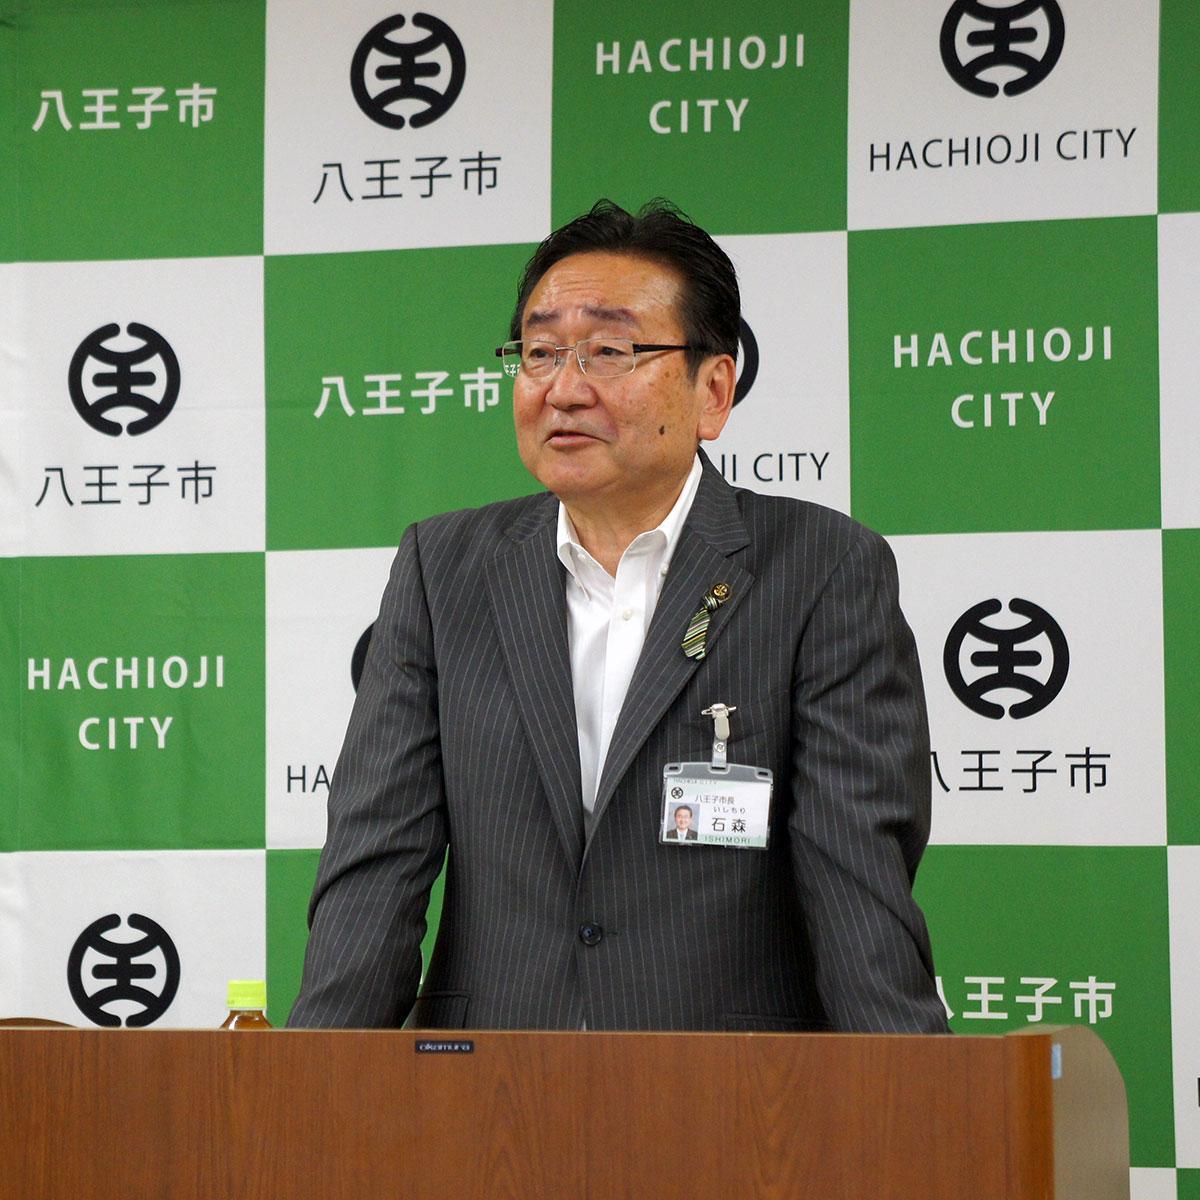 記者からの質問に応じる石森孝志八王子市長